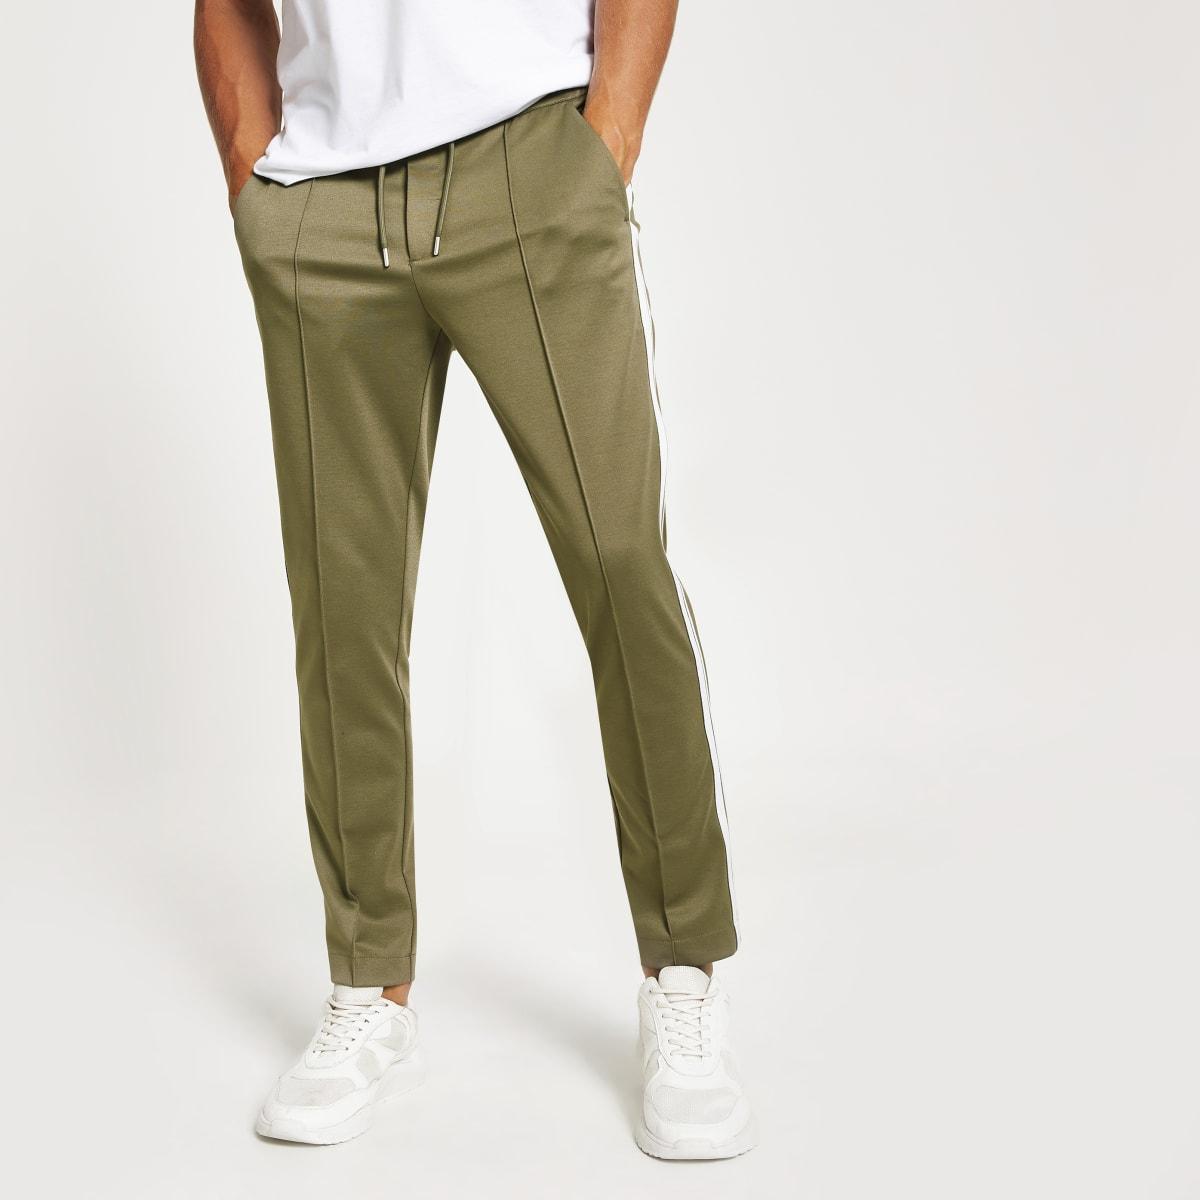 Khaki skinny fit tape jogger trousers